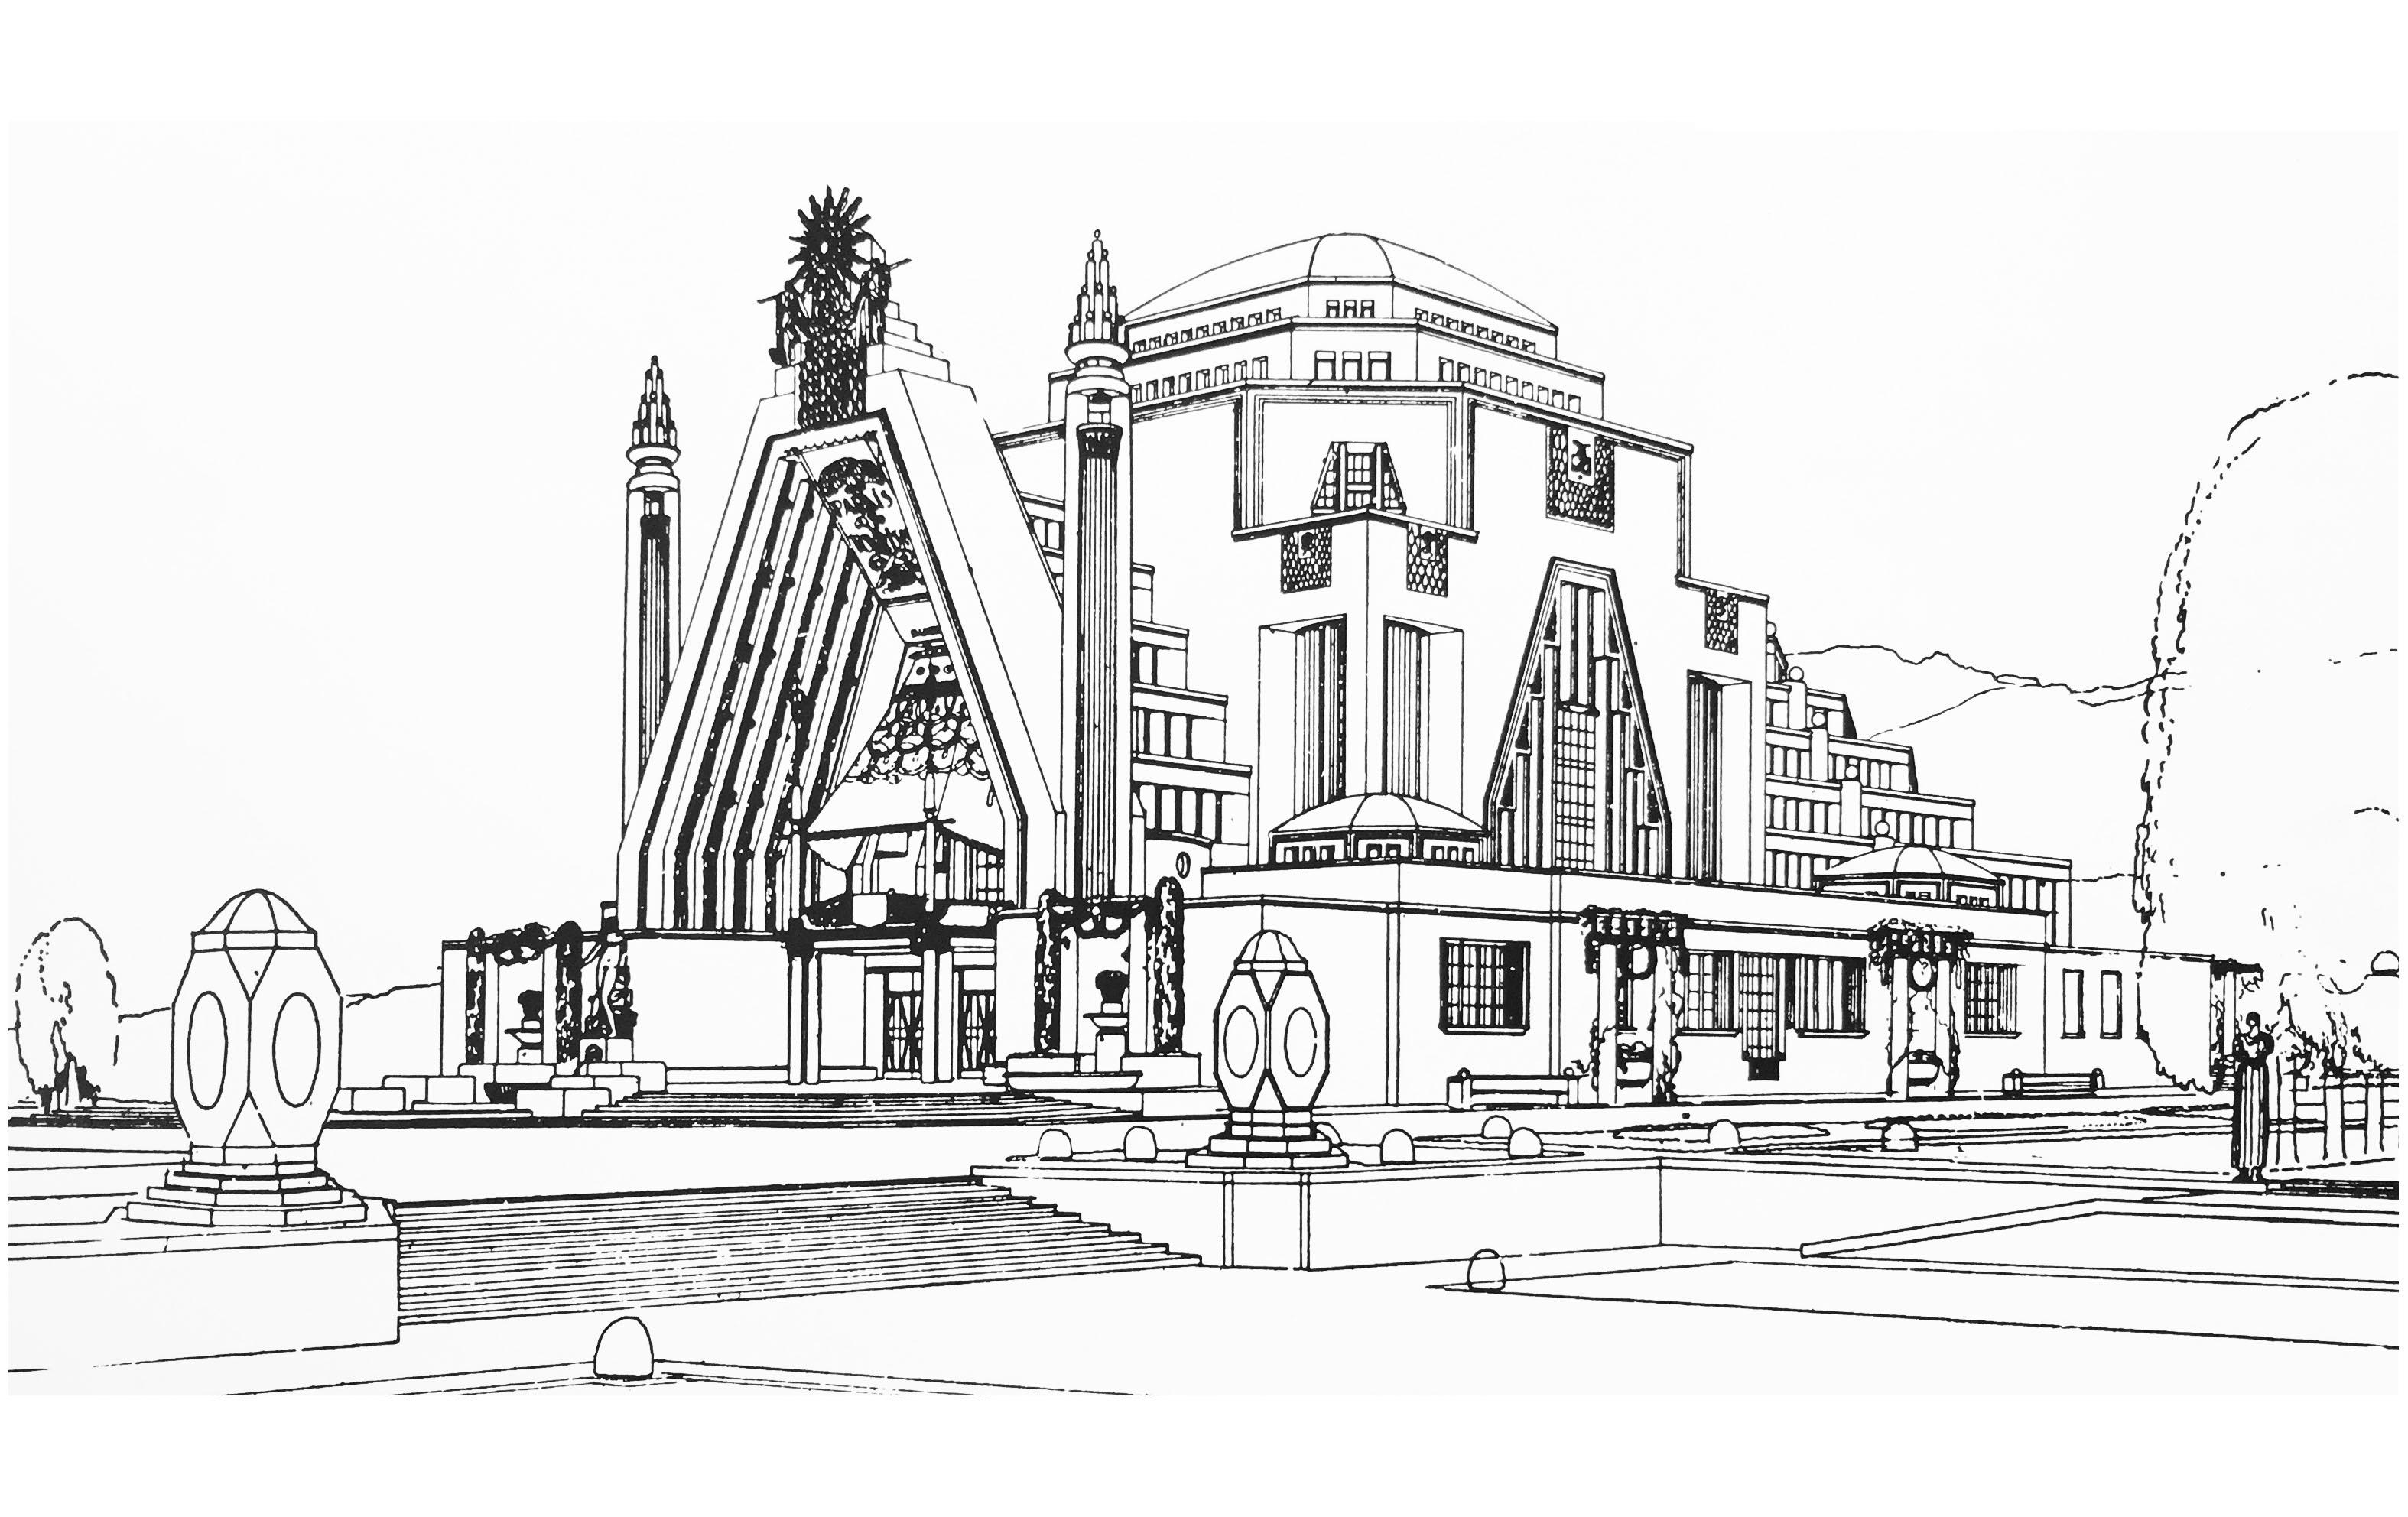 Dessin monument art deco pavillon du tourisme a l exposition de la houille blanche grenoble 1925